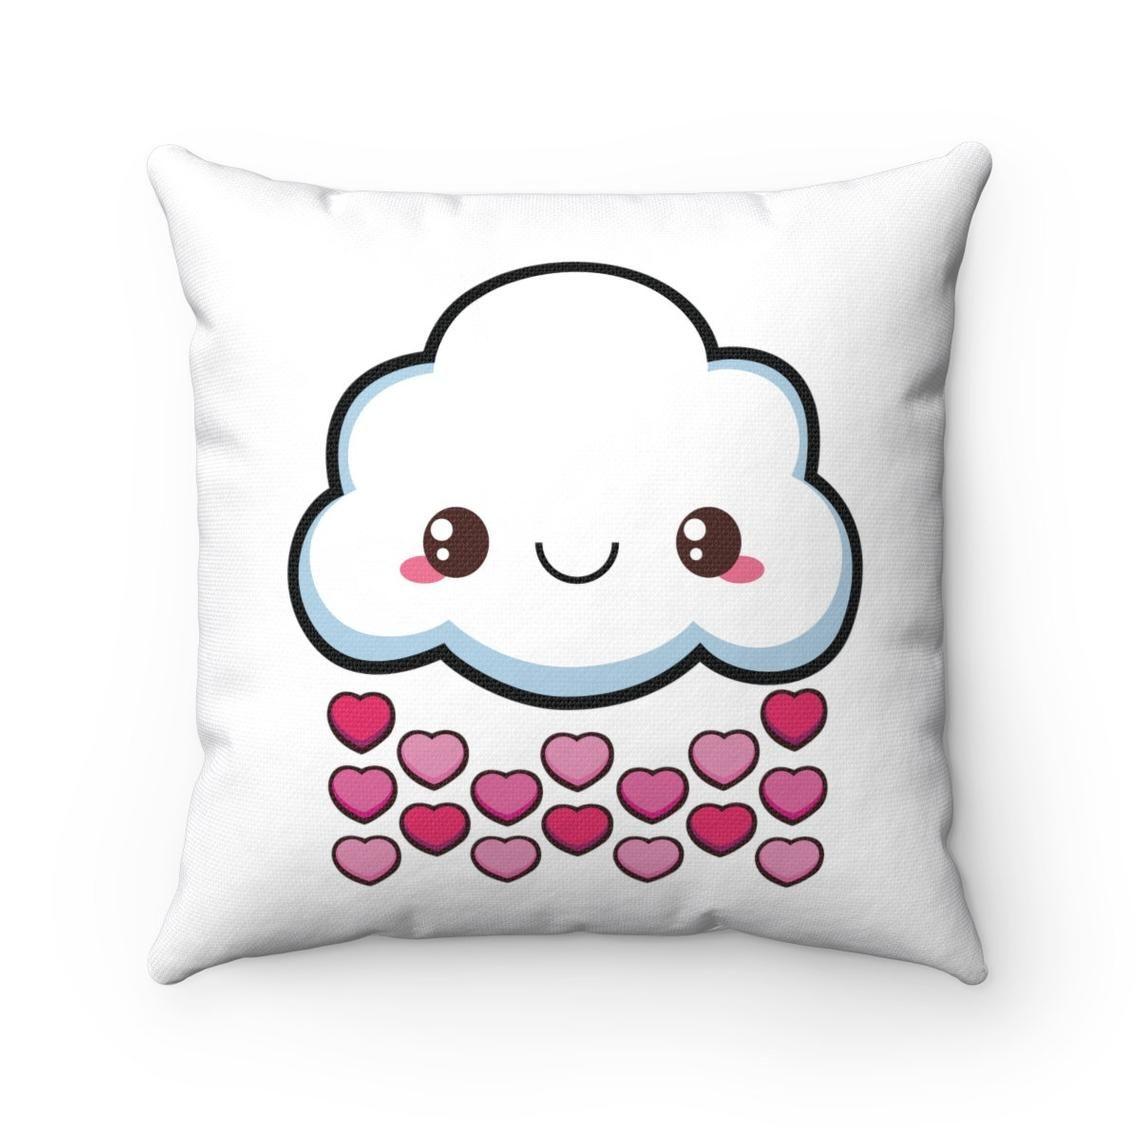 Love Cloud Cute Throw Pillow Cover Sofa Pillow Cute Cushion Cover Funny Cushion Cover Funny Throw Pillow Case Kawaii Cushions Funny Throw Pillows Cute Cushions Funny Cushions